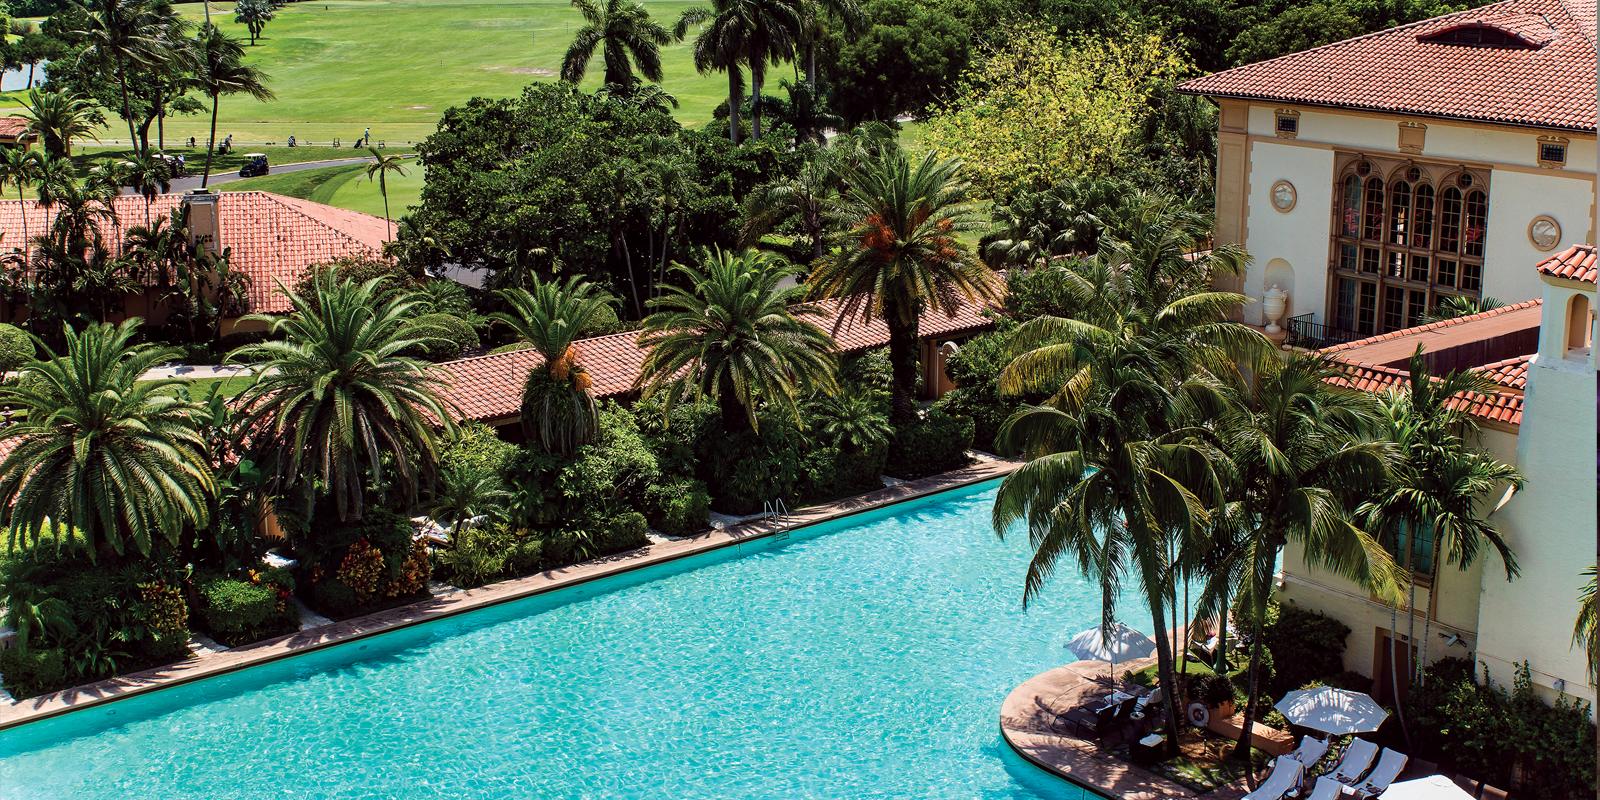 View of the Biltmore pool